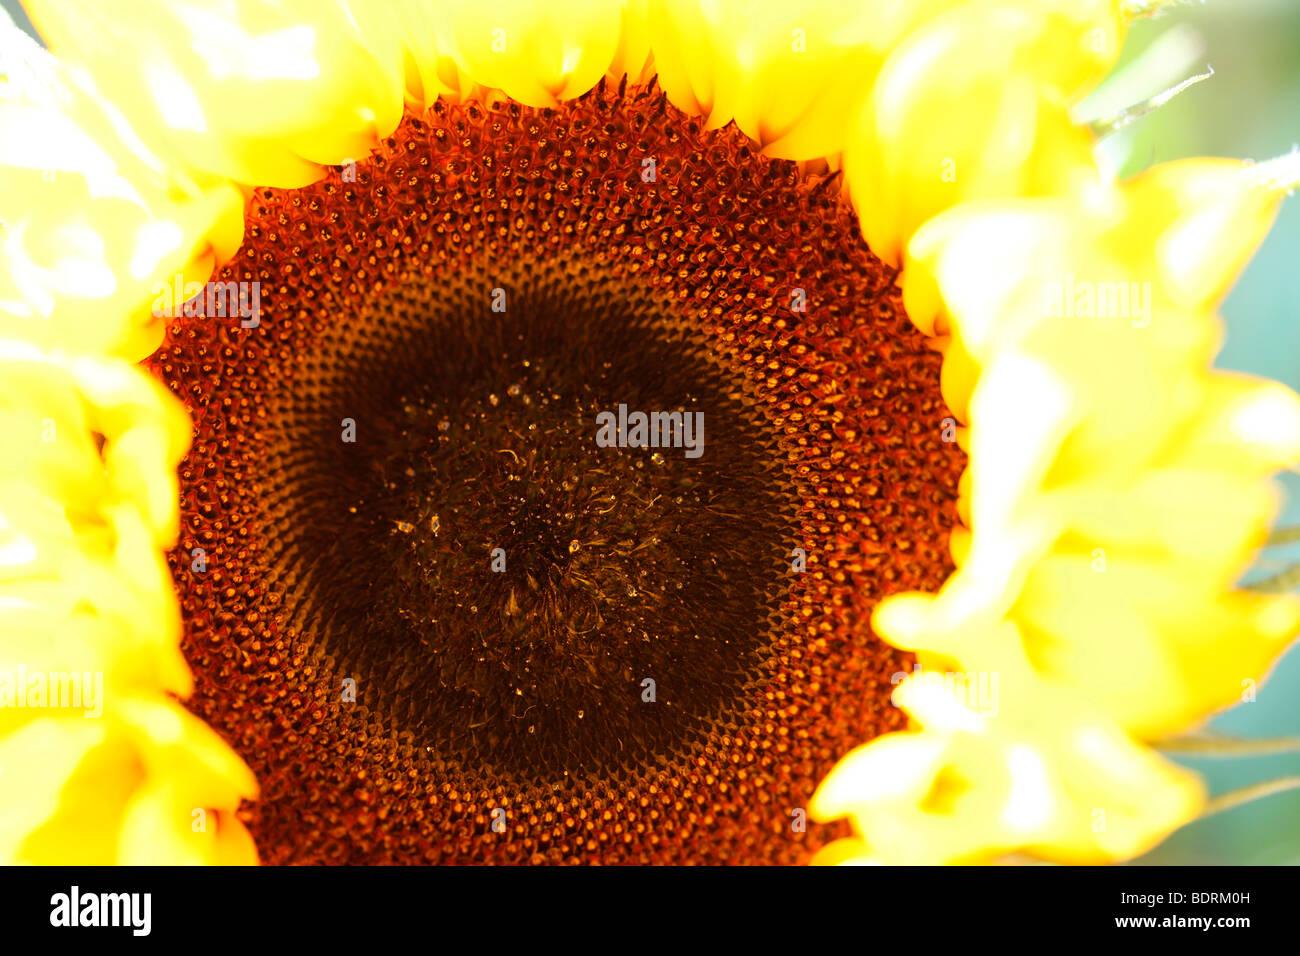 Glocke beeindruckende Sonnenblumen - Fine Art Fotografie Jane Ann Butler Fotografie JABP583 Stockbild